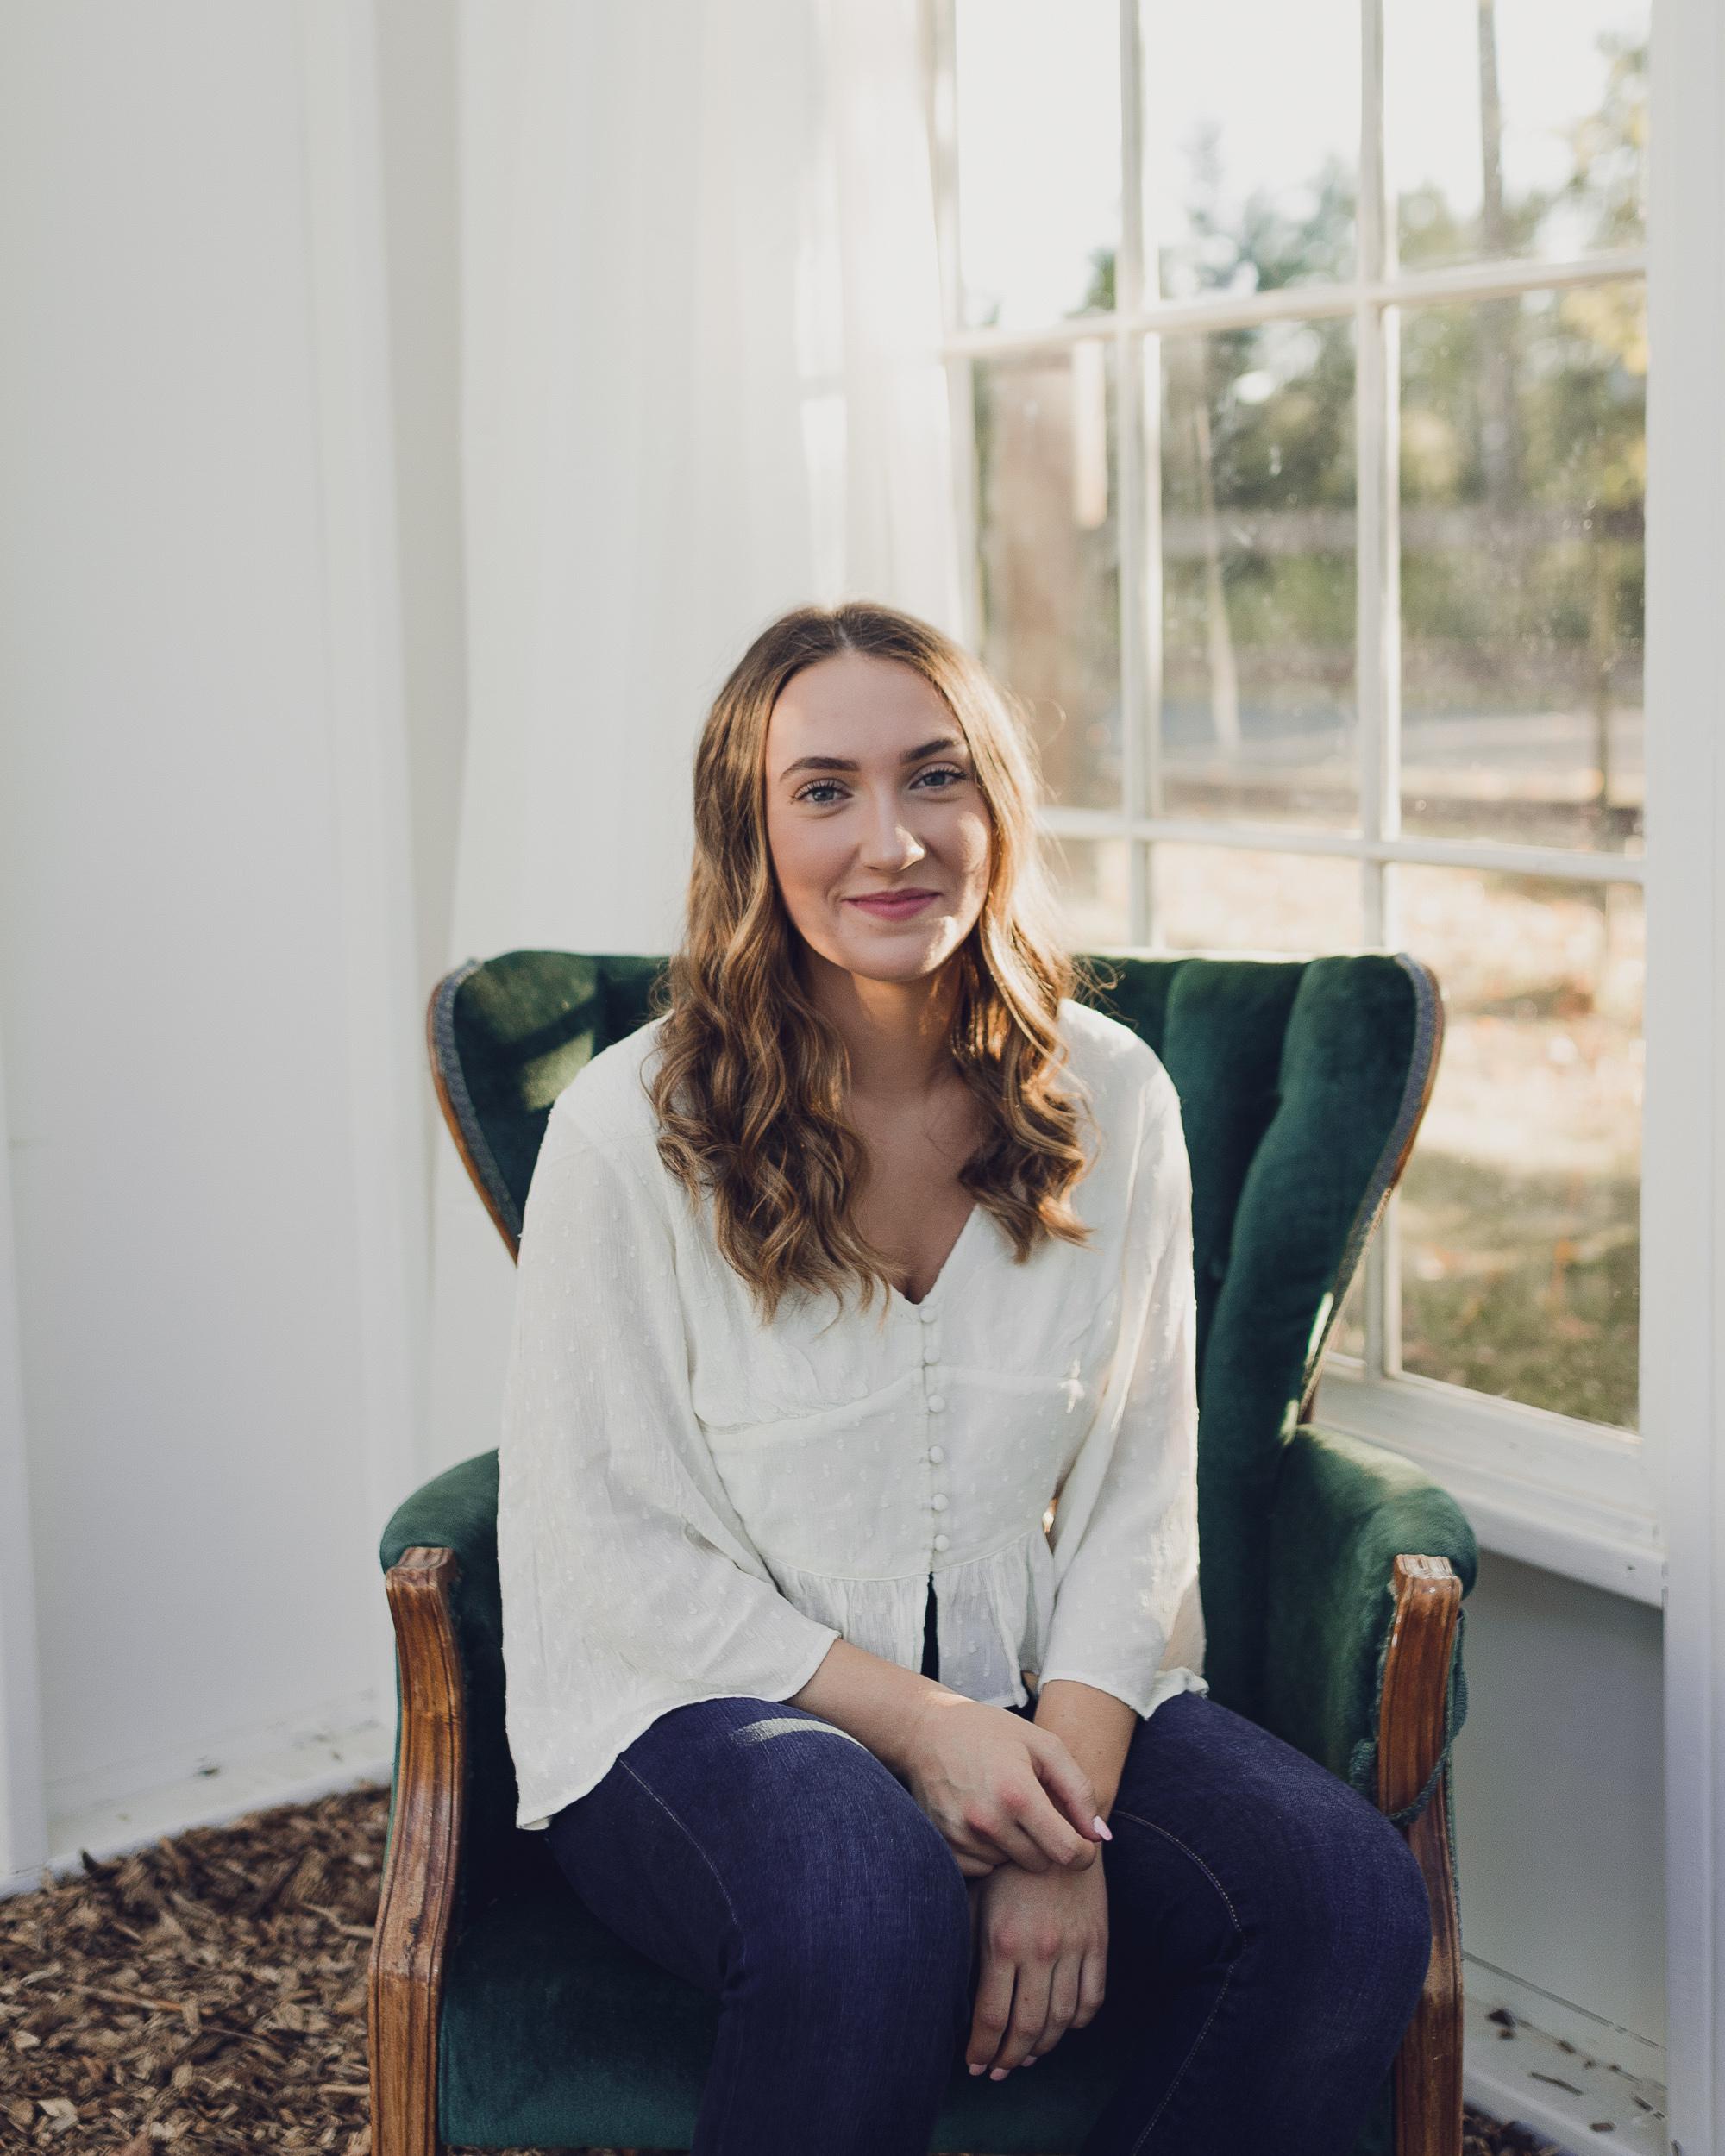 Seniorportraitsseattle-15.jpg